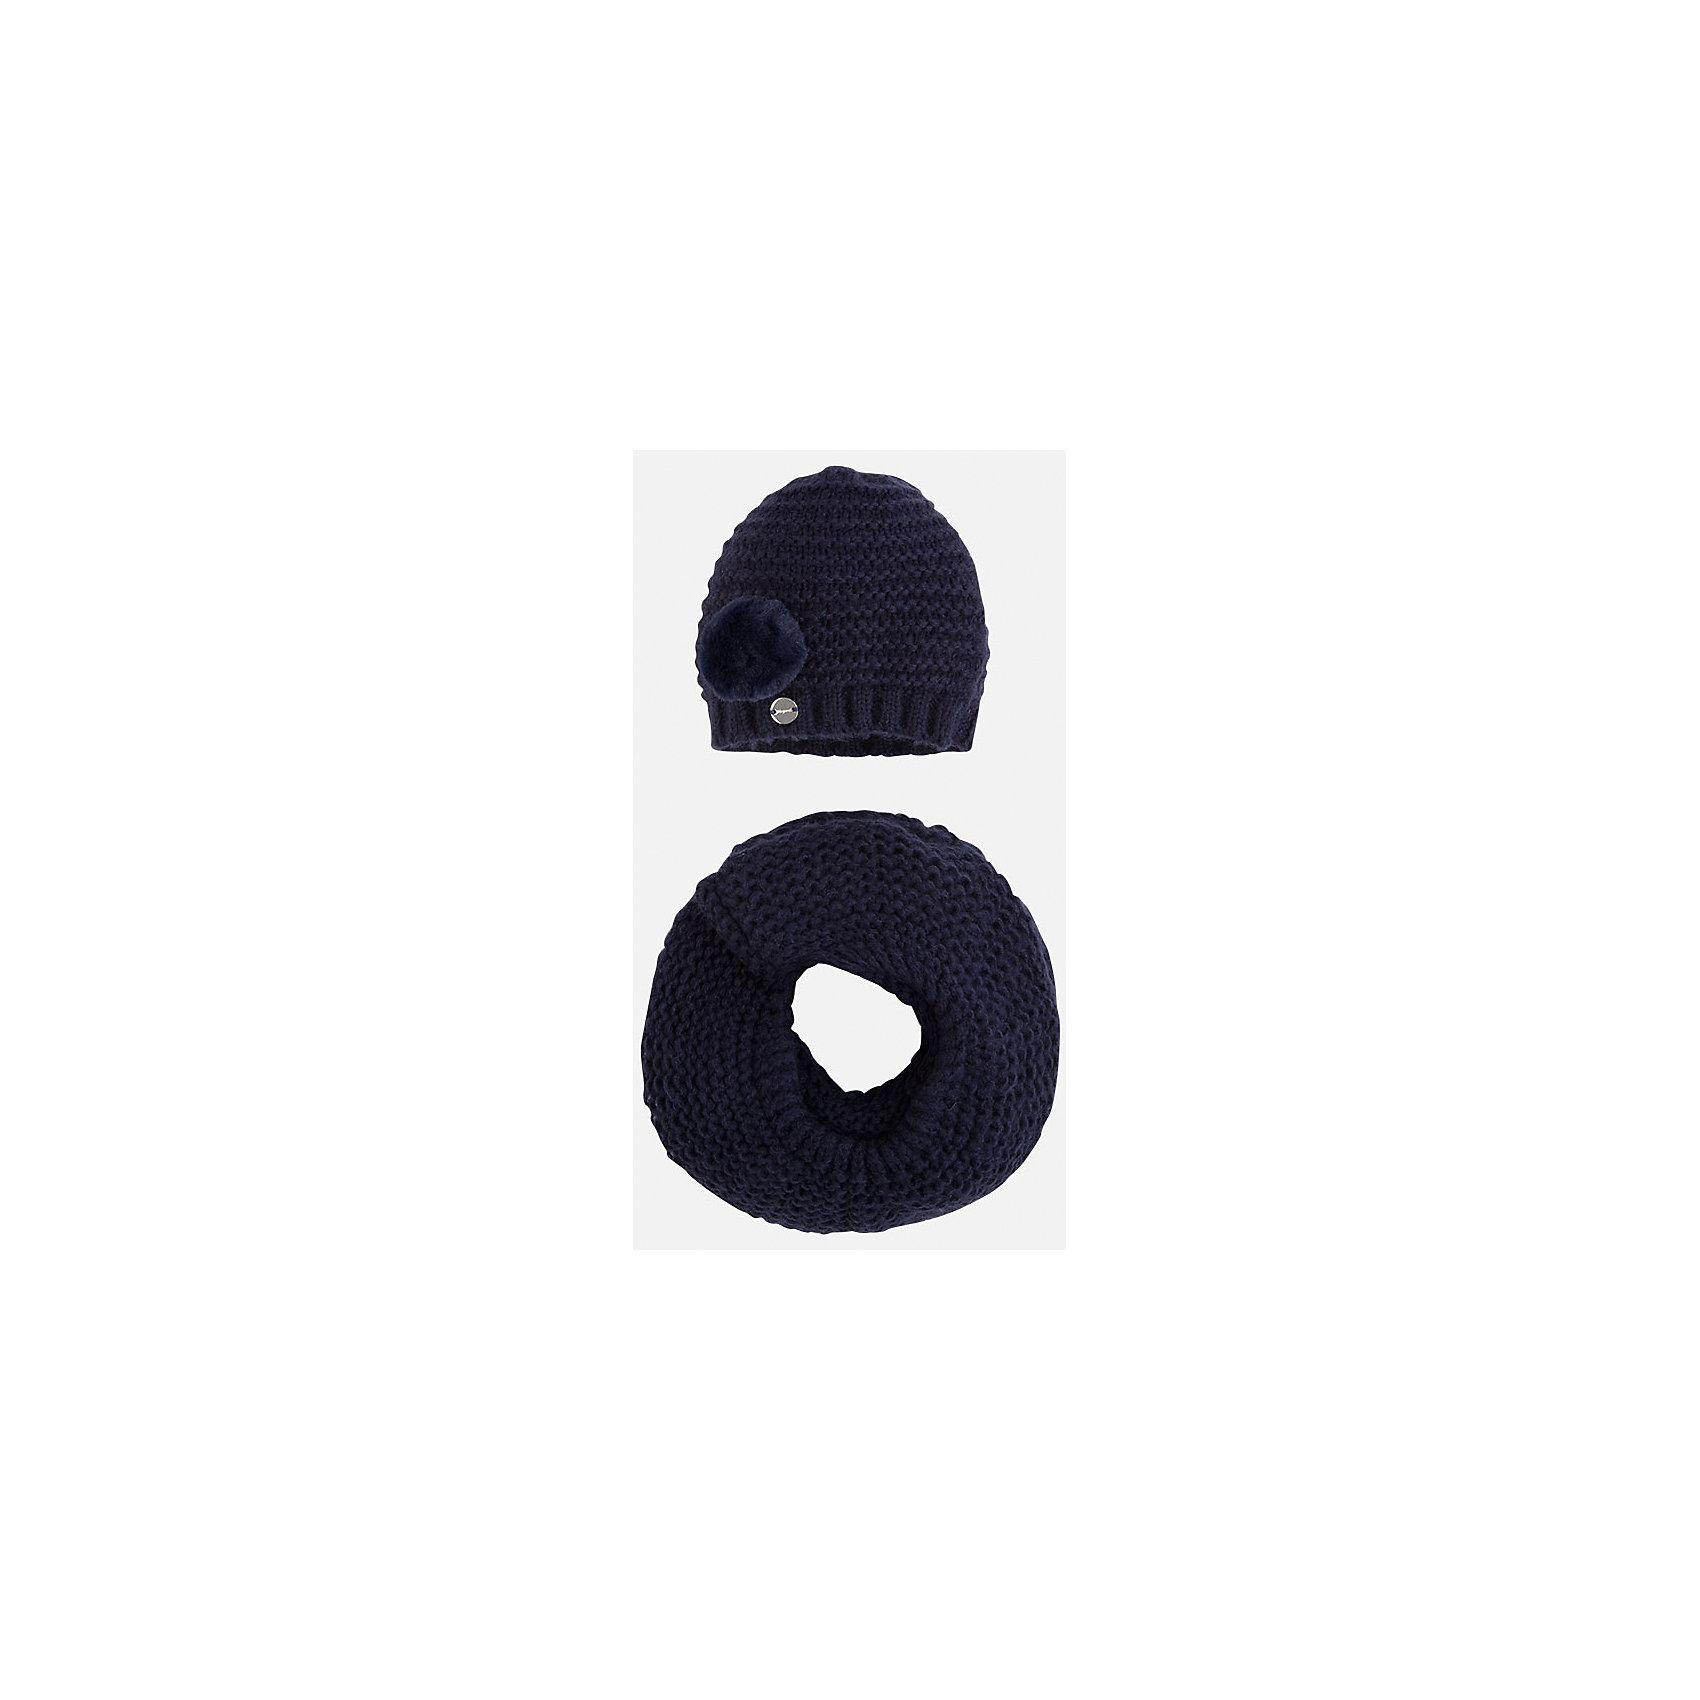 Комплект:шапка и шарф для девочки MayoralЗимние<br>Комплект: шапка и шарф для девочки Mayoral от известного испанского бренда Mayoral. Вязаный комплект выполнен из акриловой пряжи с добавлением полиамида, что обеспечивает высокую износоустойчивость, сохранение формы и цвета даже при длительном использовании. Комплект состоит из шапки и шарфа, связанных крупной вязкой. Шапка имеет классическую форму, сбоку имеется небольшой помпон, выполненный из меха. <br><br>Дополнительная информация:<br><br>- Предназначение: повседневная одежда<br>- Комплектация: шапка, шарф<br>- Цвет: темно-синий<br>- Пол: для девочки<br>- Состав: 87% акрил, 13% полиамид<br>- Сезон: осень-зима-весна<br>- Особенности ухода: стирка при температуре 30 градусов, разрешается химическая чистка, глажение <br><br>Подробнее:<br><br>• Для детей в возрасте: от 2 лет и до 9 лет<br>• Страна производитель: Китай<br>• Торговый бренд: Mayoral<br><br>Комплект: шапка и шарф для девочки Mayoral (Майорал) можно купить в нашем интернет-магазине.<br><br>Ширина мм: 89<br>Глубина мм: 117<br>Высота мм: 44<br>Вес г: 155<br>Цвет: синий<br>Возраст от месяцев: 48<br>Возраст до месяцев: 72<br>Пол: Женский<br>Возраст: Детский<br>Размер: 52-54,54-56,48-50<br>SKU: 4847806